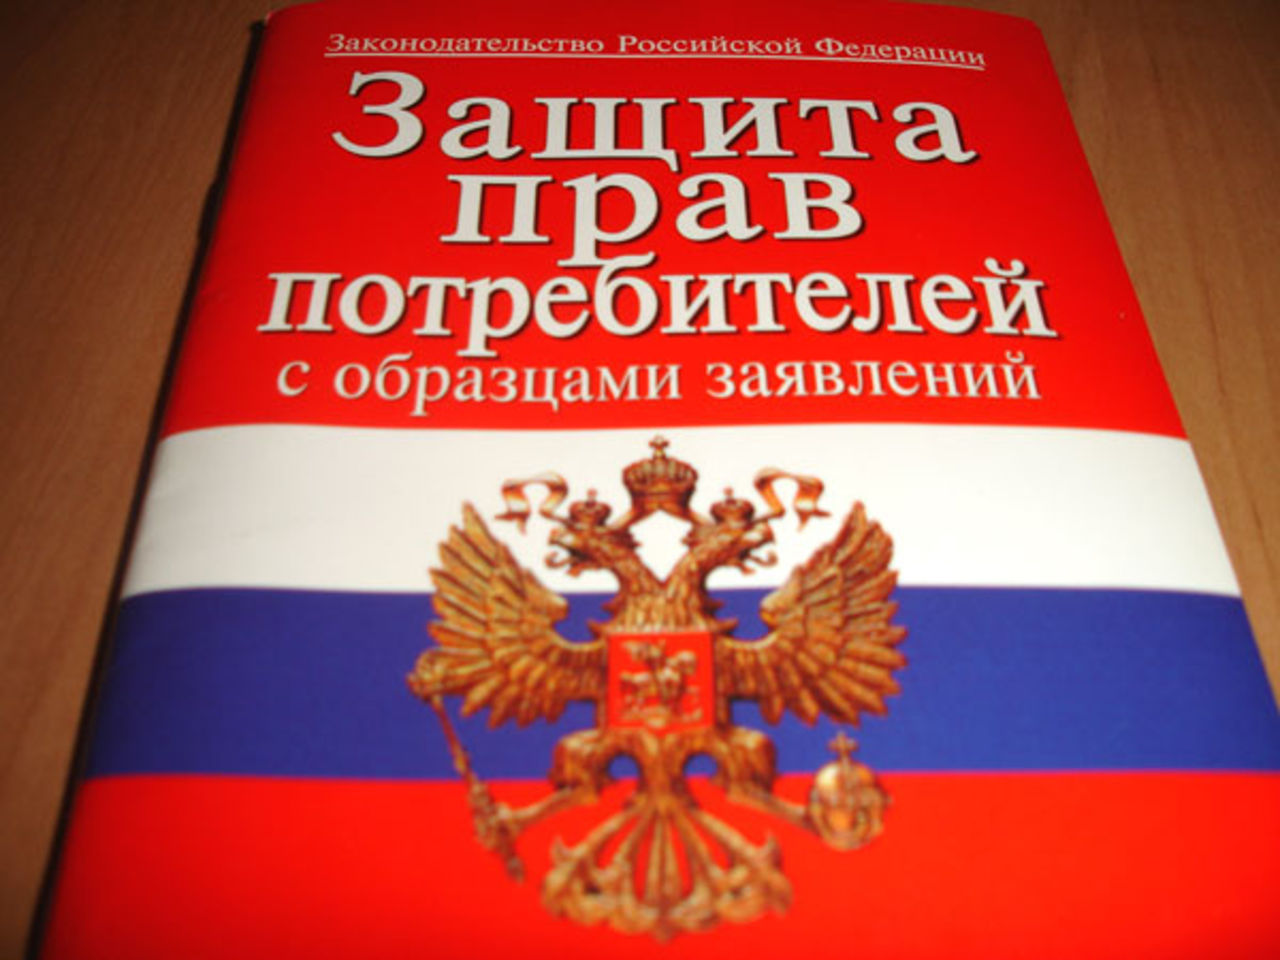 Продажа недвижимости в Санкт-Петербурге - купить квартиру и жилье